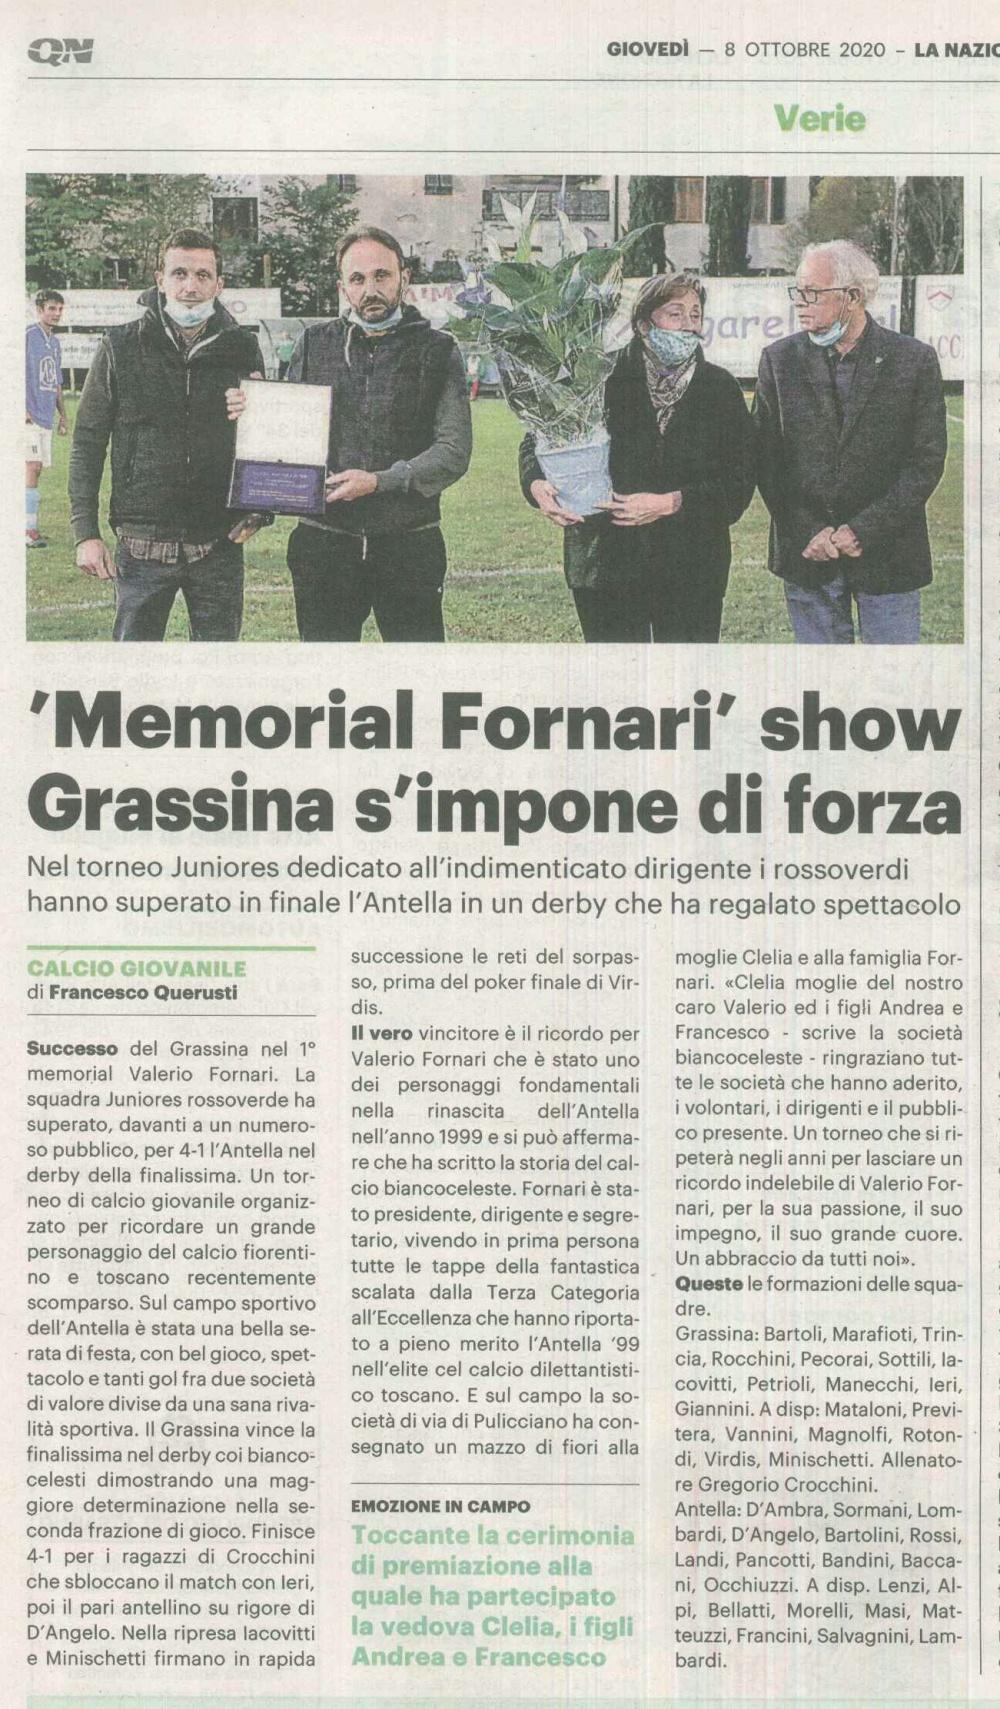 TORNEO FORNARI